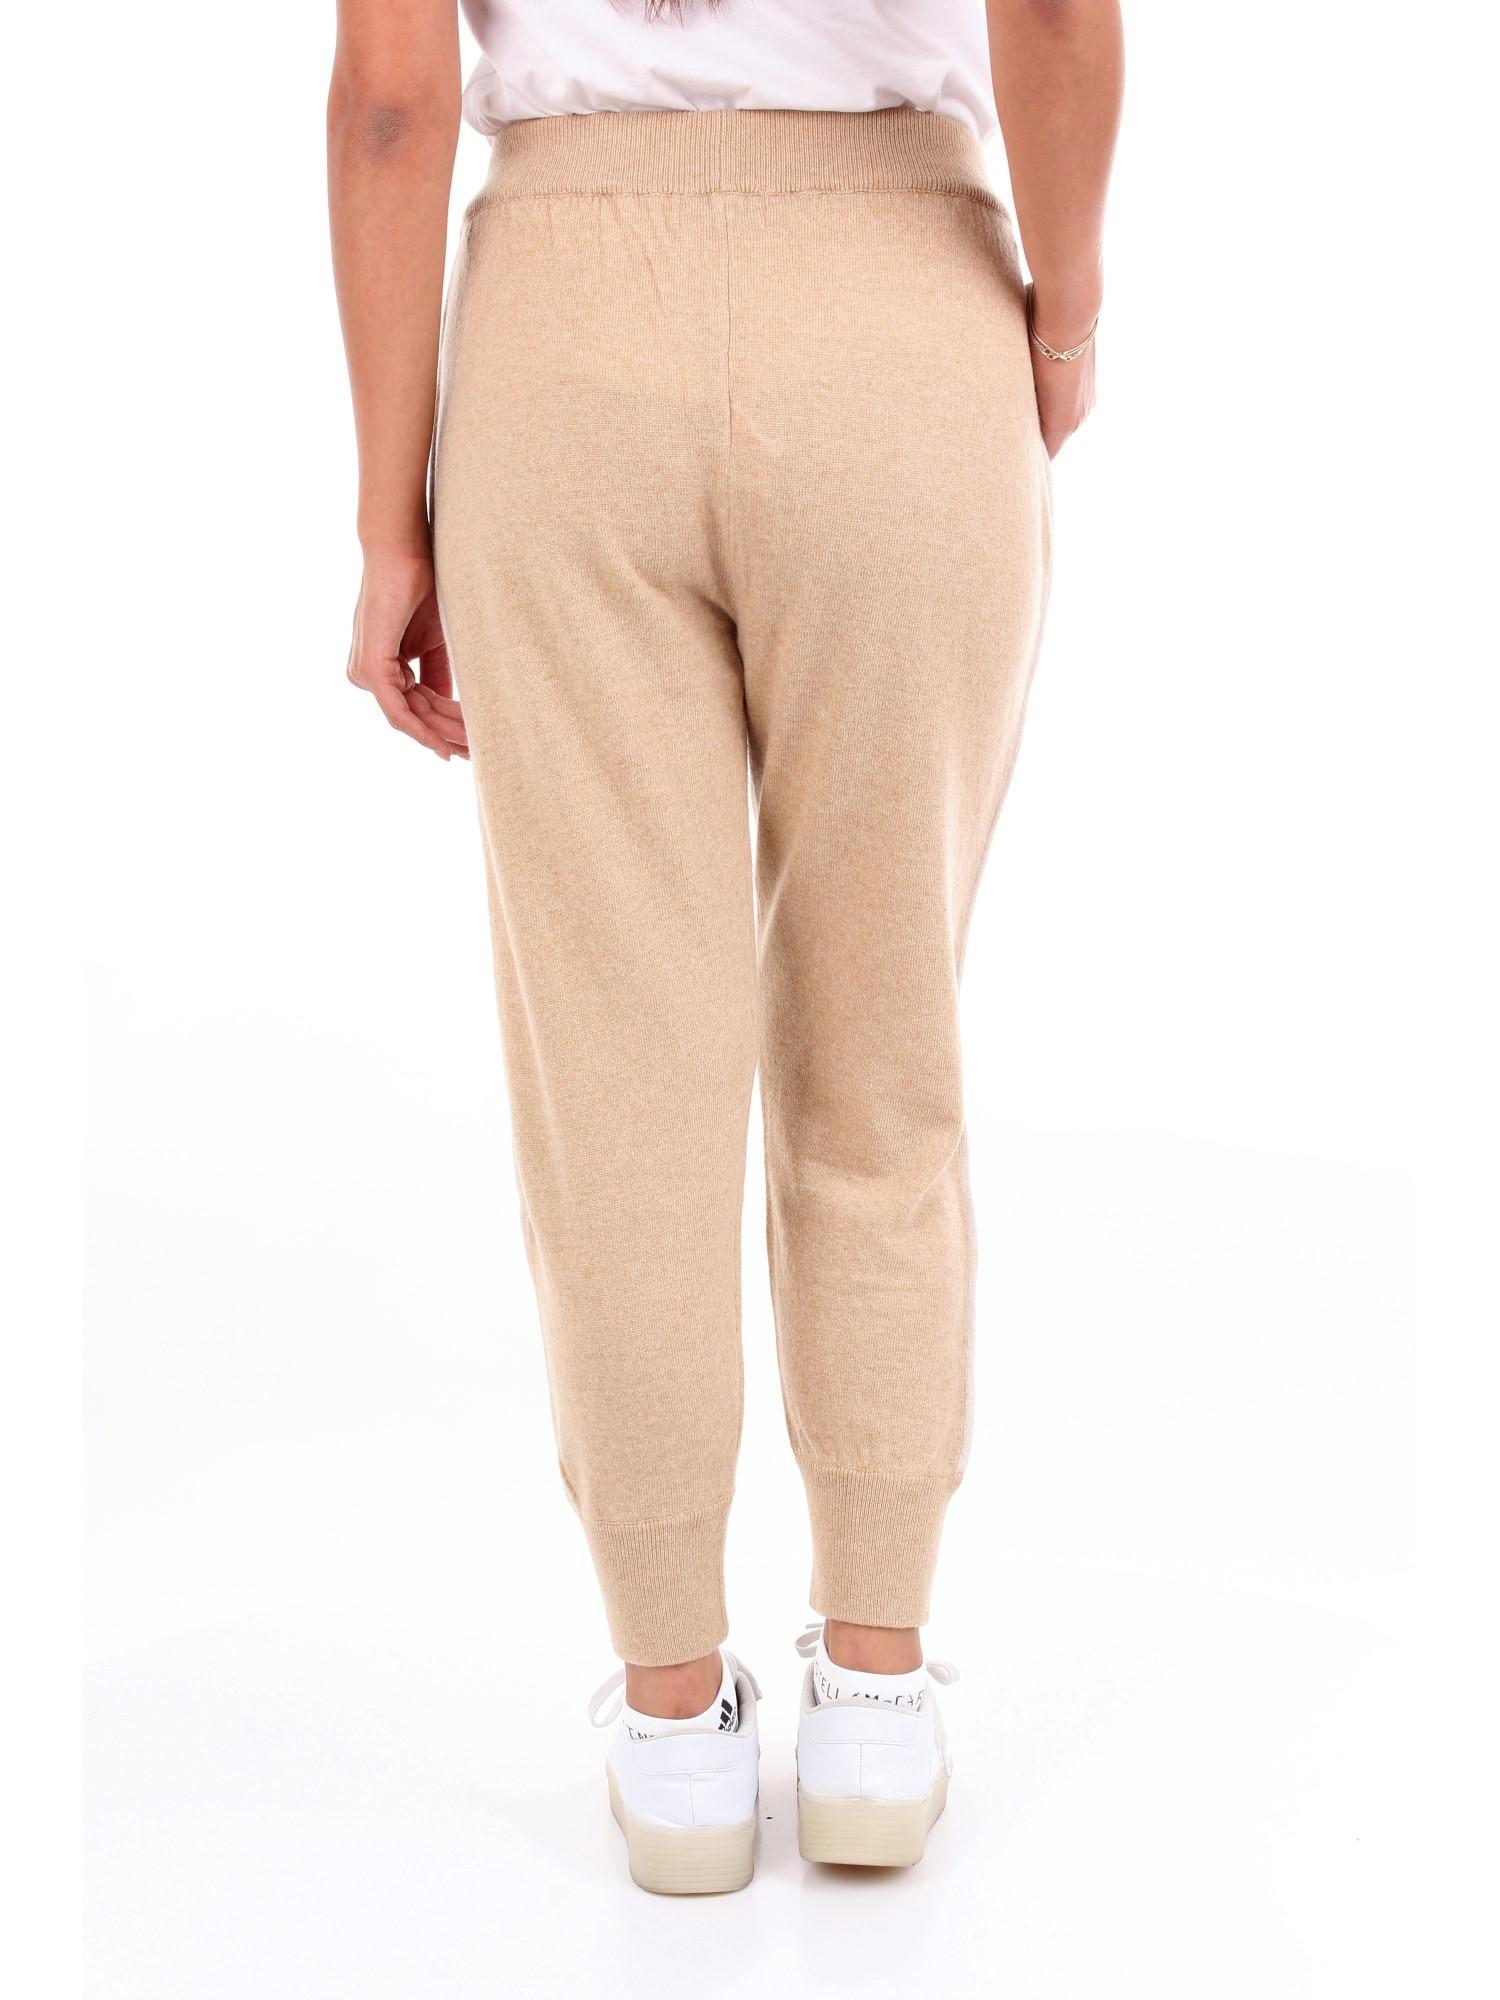 Pantalone Cachemire CROCHÈ en coloris Neutre